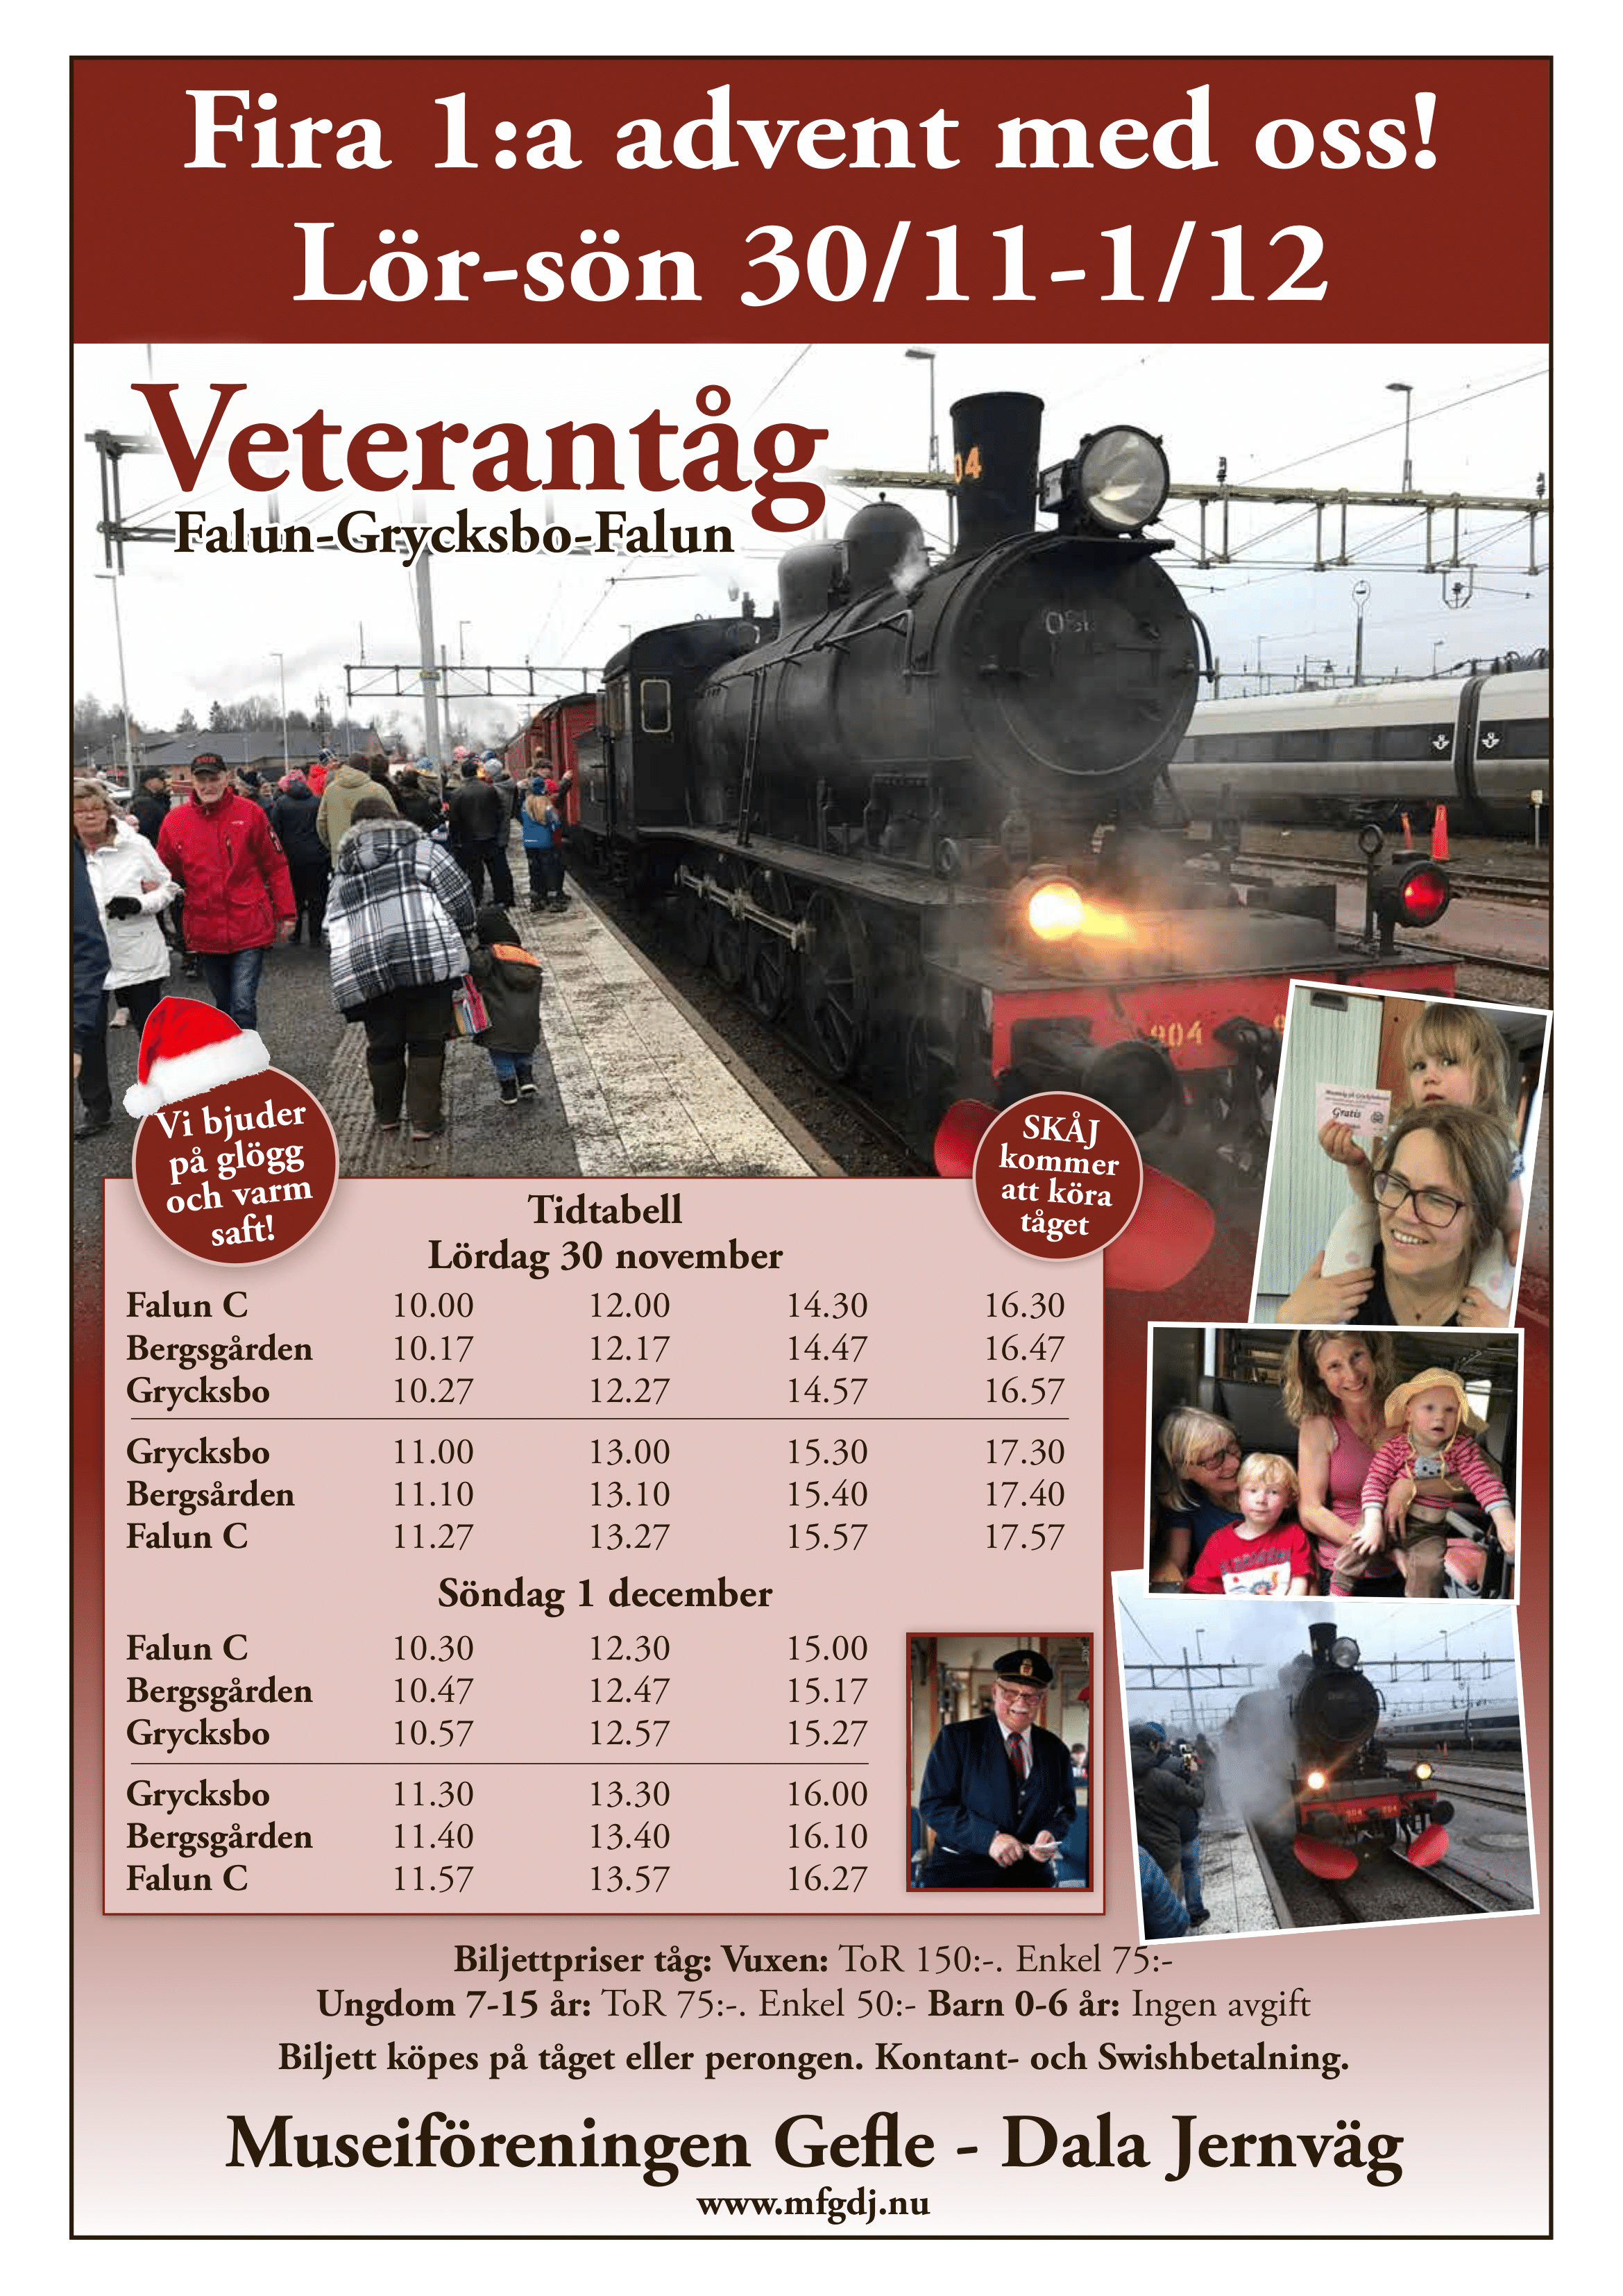 Veterantåg 19-20 oktober